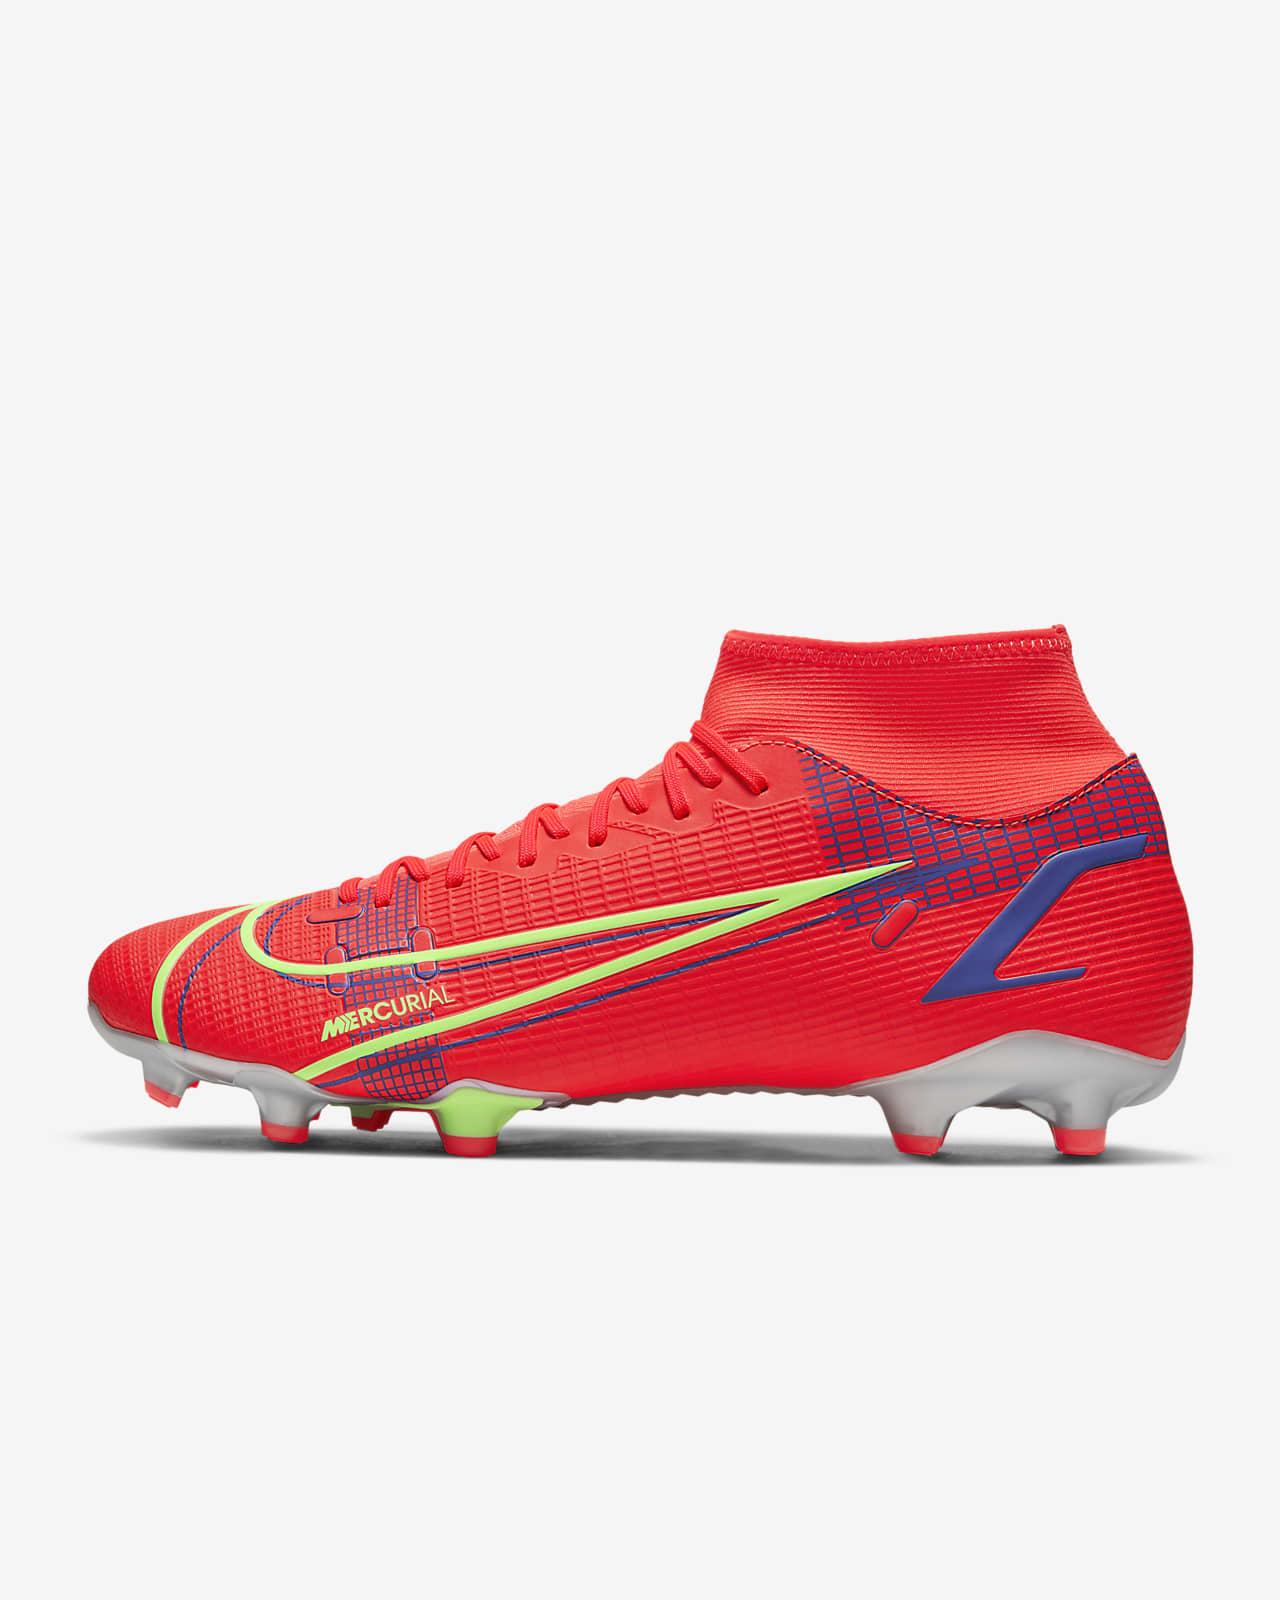 Nike Mercurial Superfly 8 Academy MG-fodboldstøvle til flere typer underlag